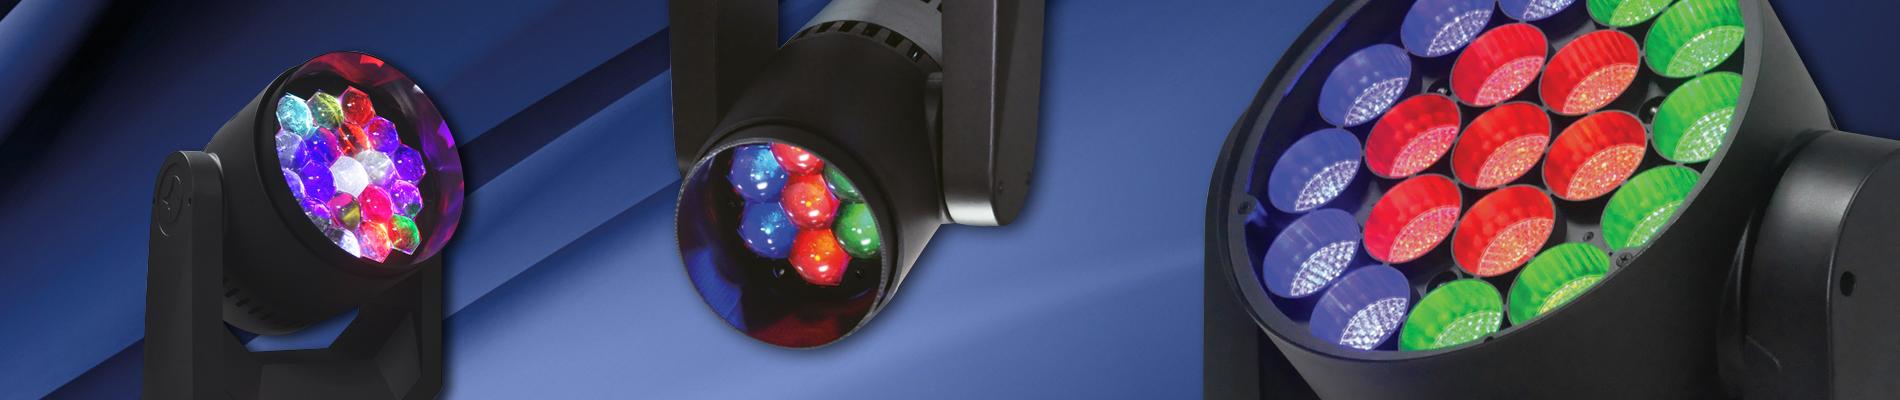 LED Wash /Beam Movinglight